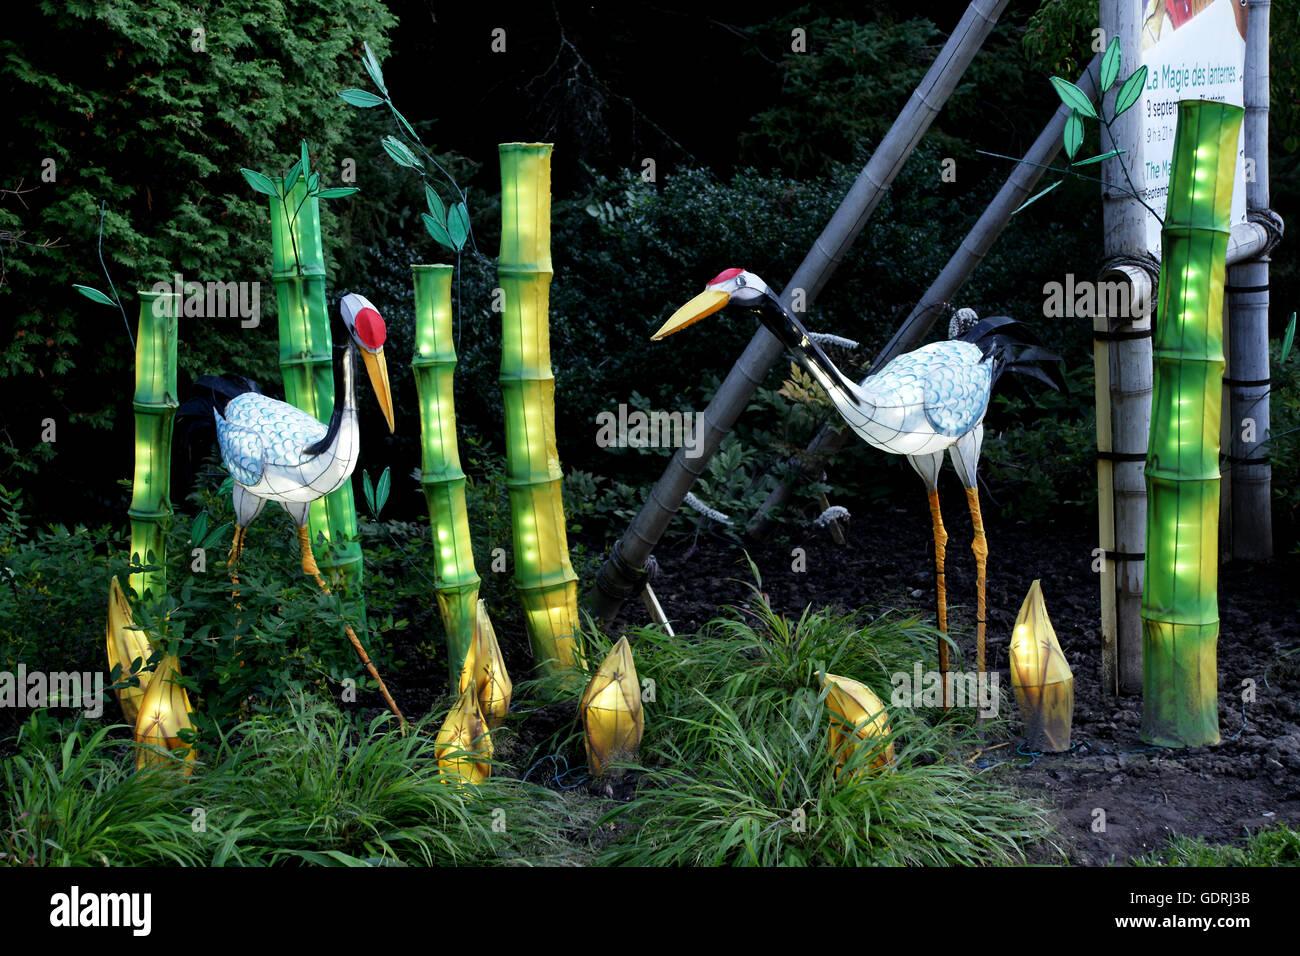 Storch Und Bambus Laternen Jedes Jahr Der Botanische Garten In